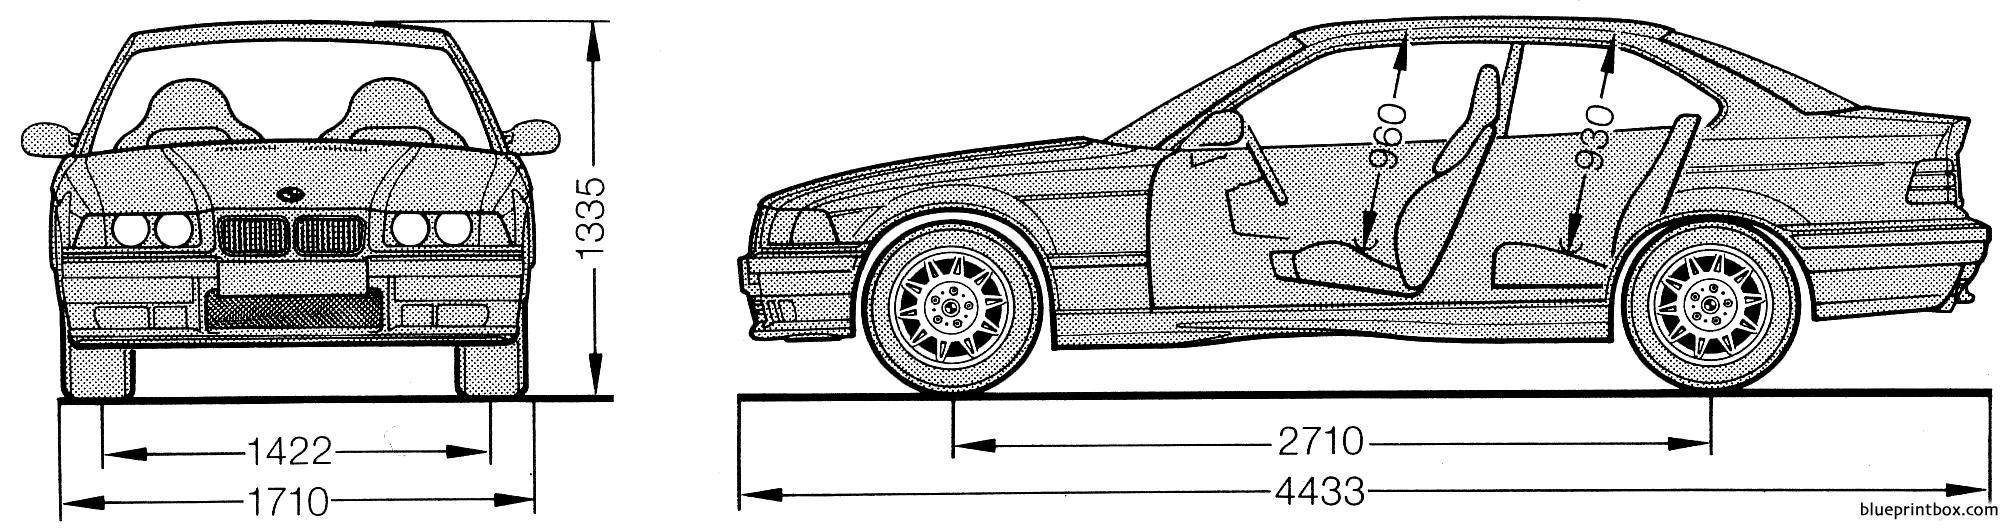 Bmw M3 Coupe E36 2 - Blueprintbox Com